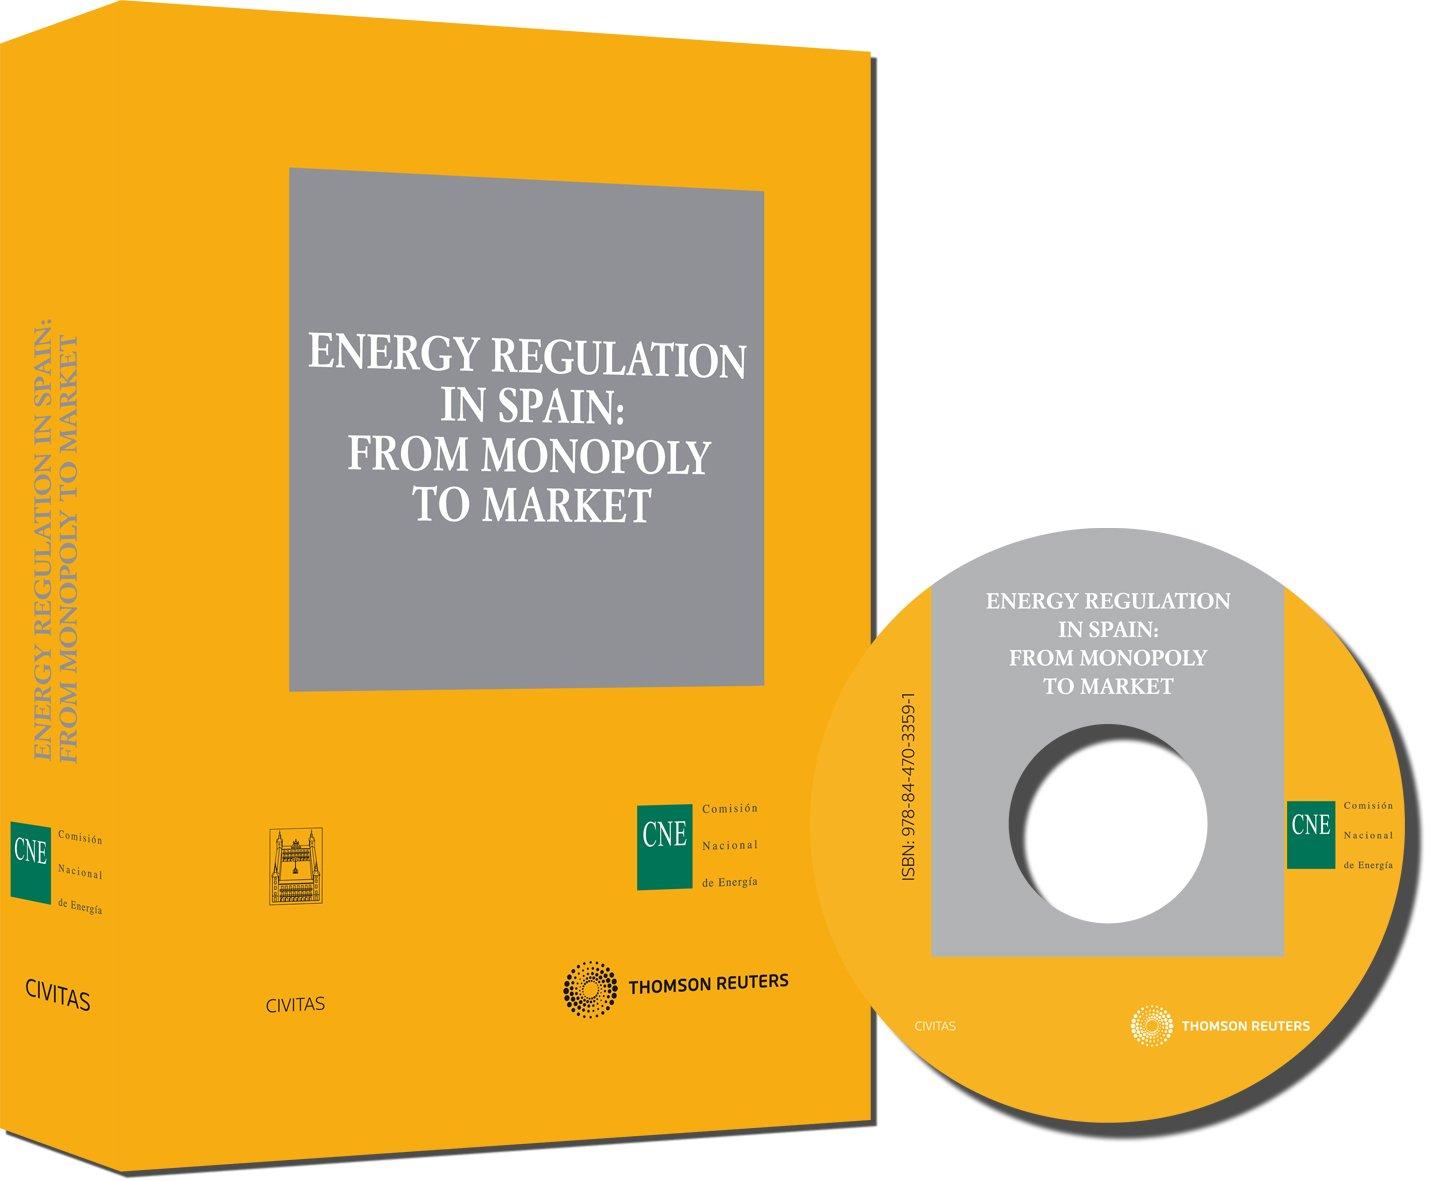 Energy Regulation in Spain: From Monopoly to Market Economía - Serie Especial: Amazon.es: García Delgado, José Luis: Libros en idiomas extranjeros